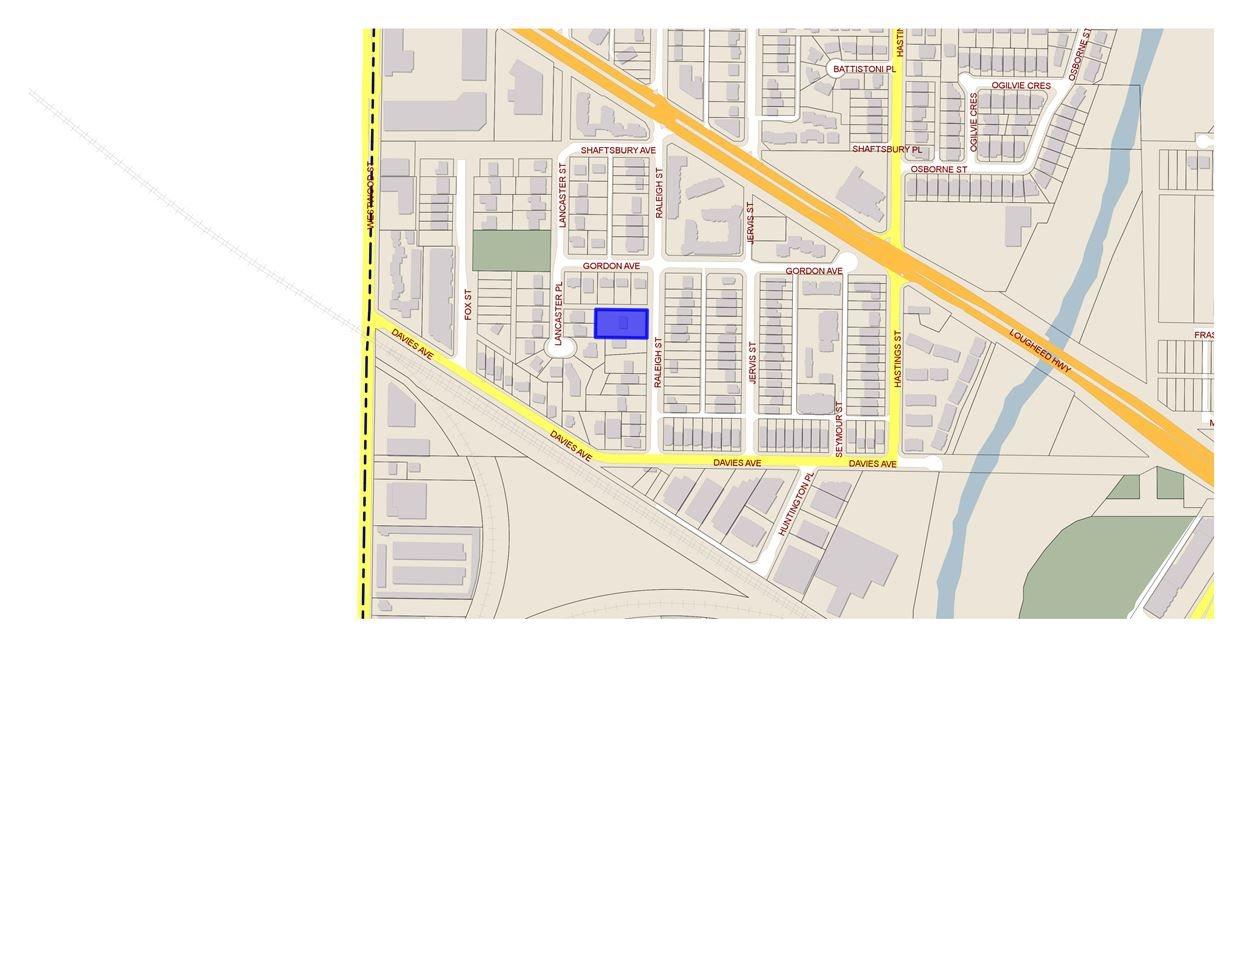 3149 RALEIGH STREET, 990